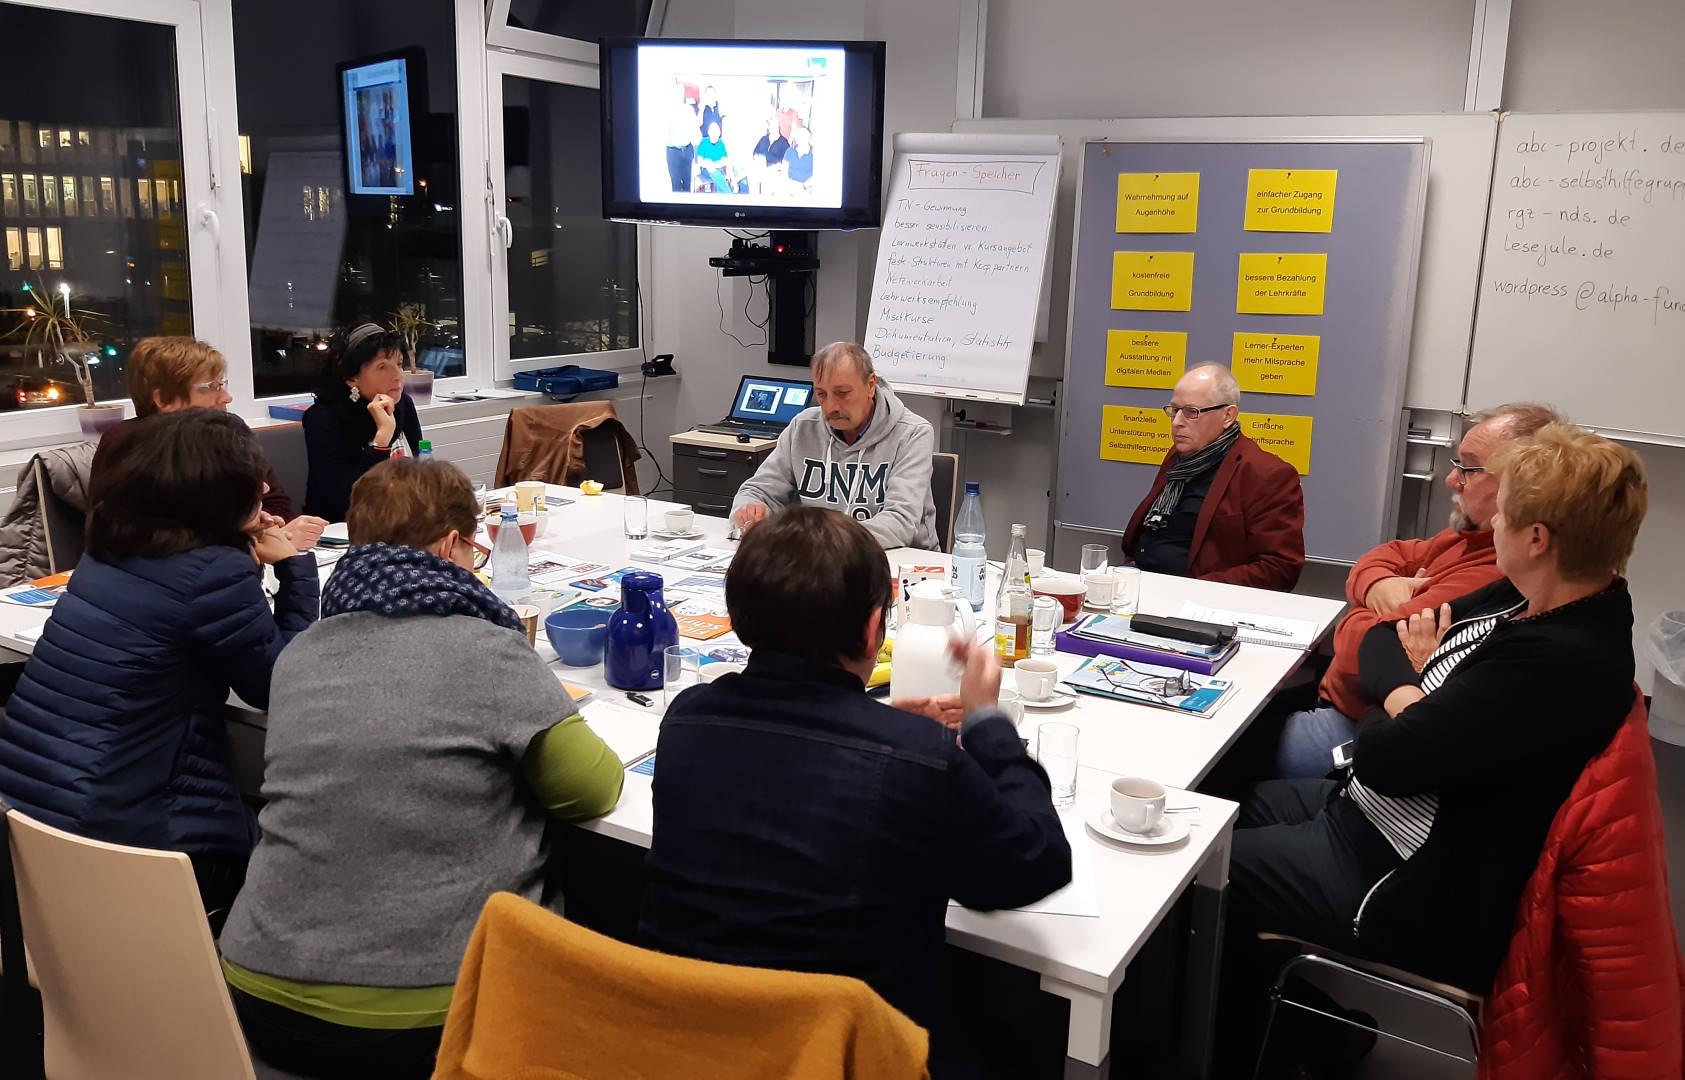 Ernst Lorenzen und Hermann Fickenfrers berichten über erfolgreiche Aktionen